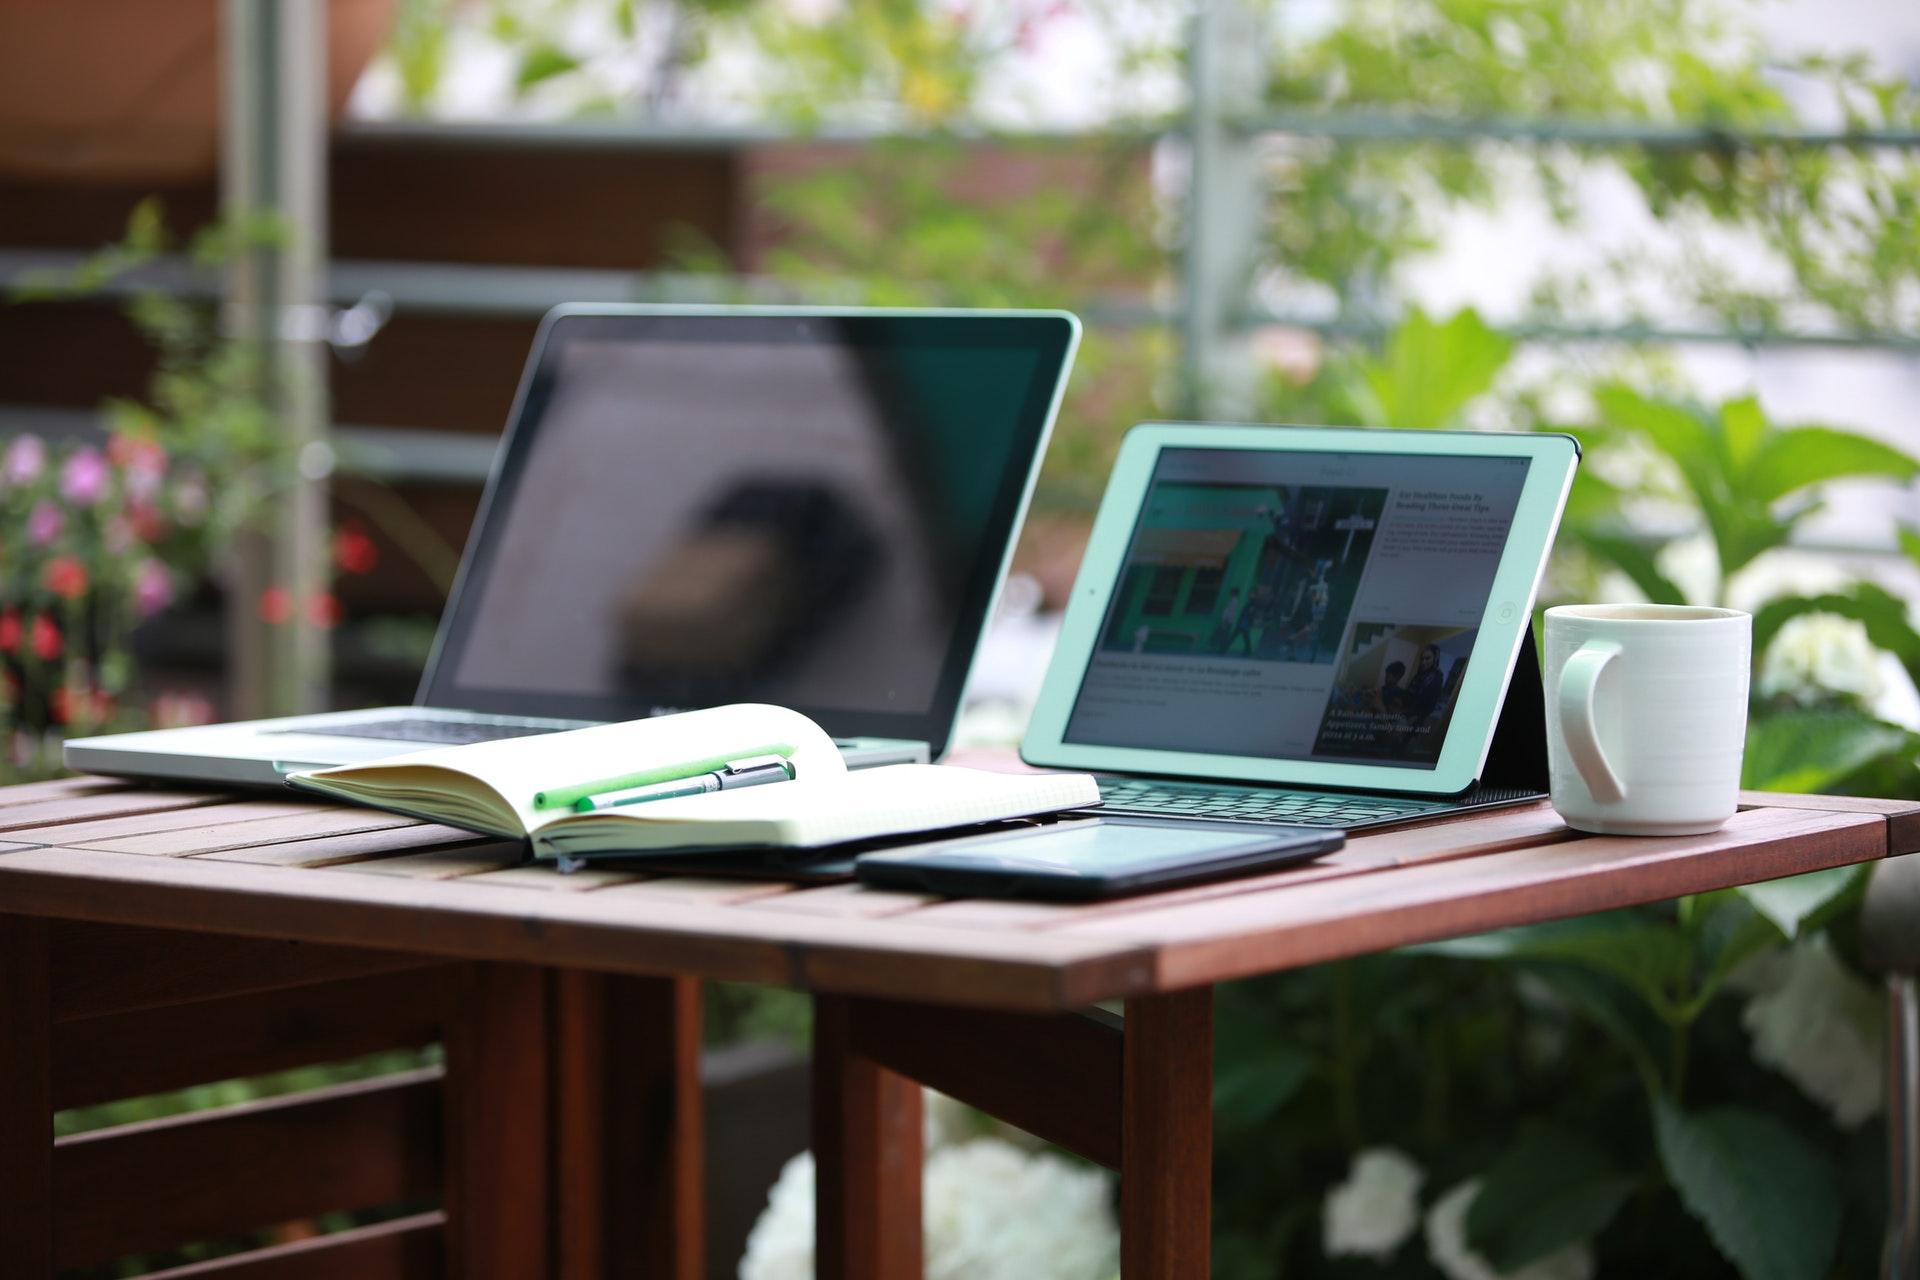 modelos de notebooks diferentes